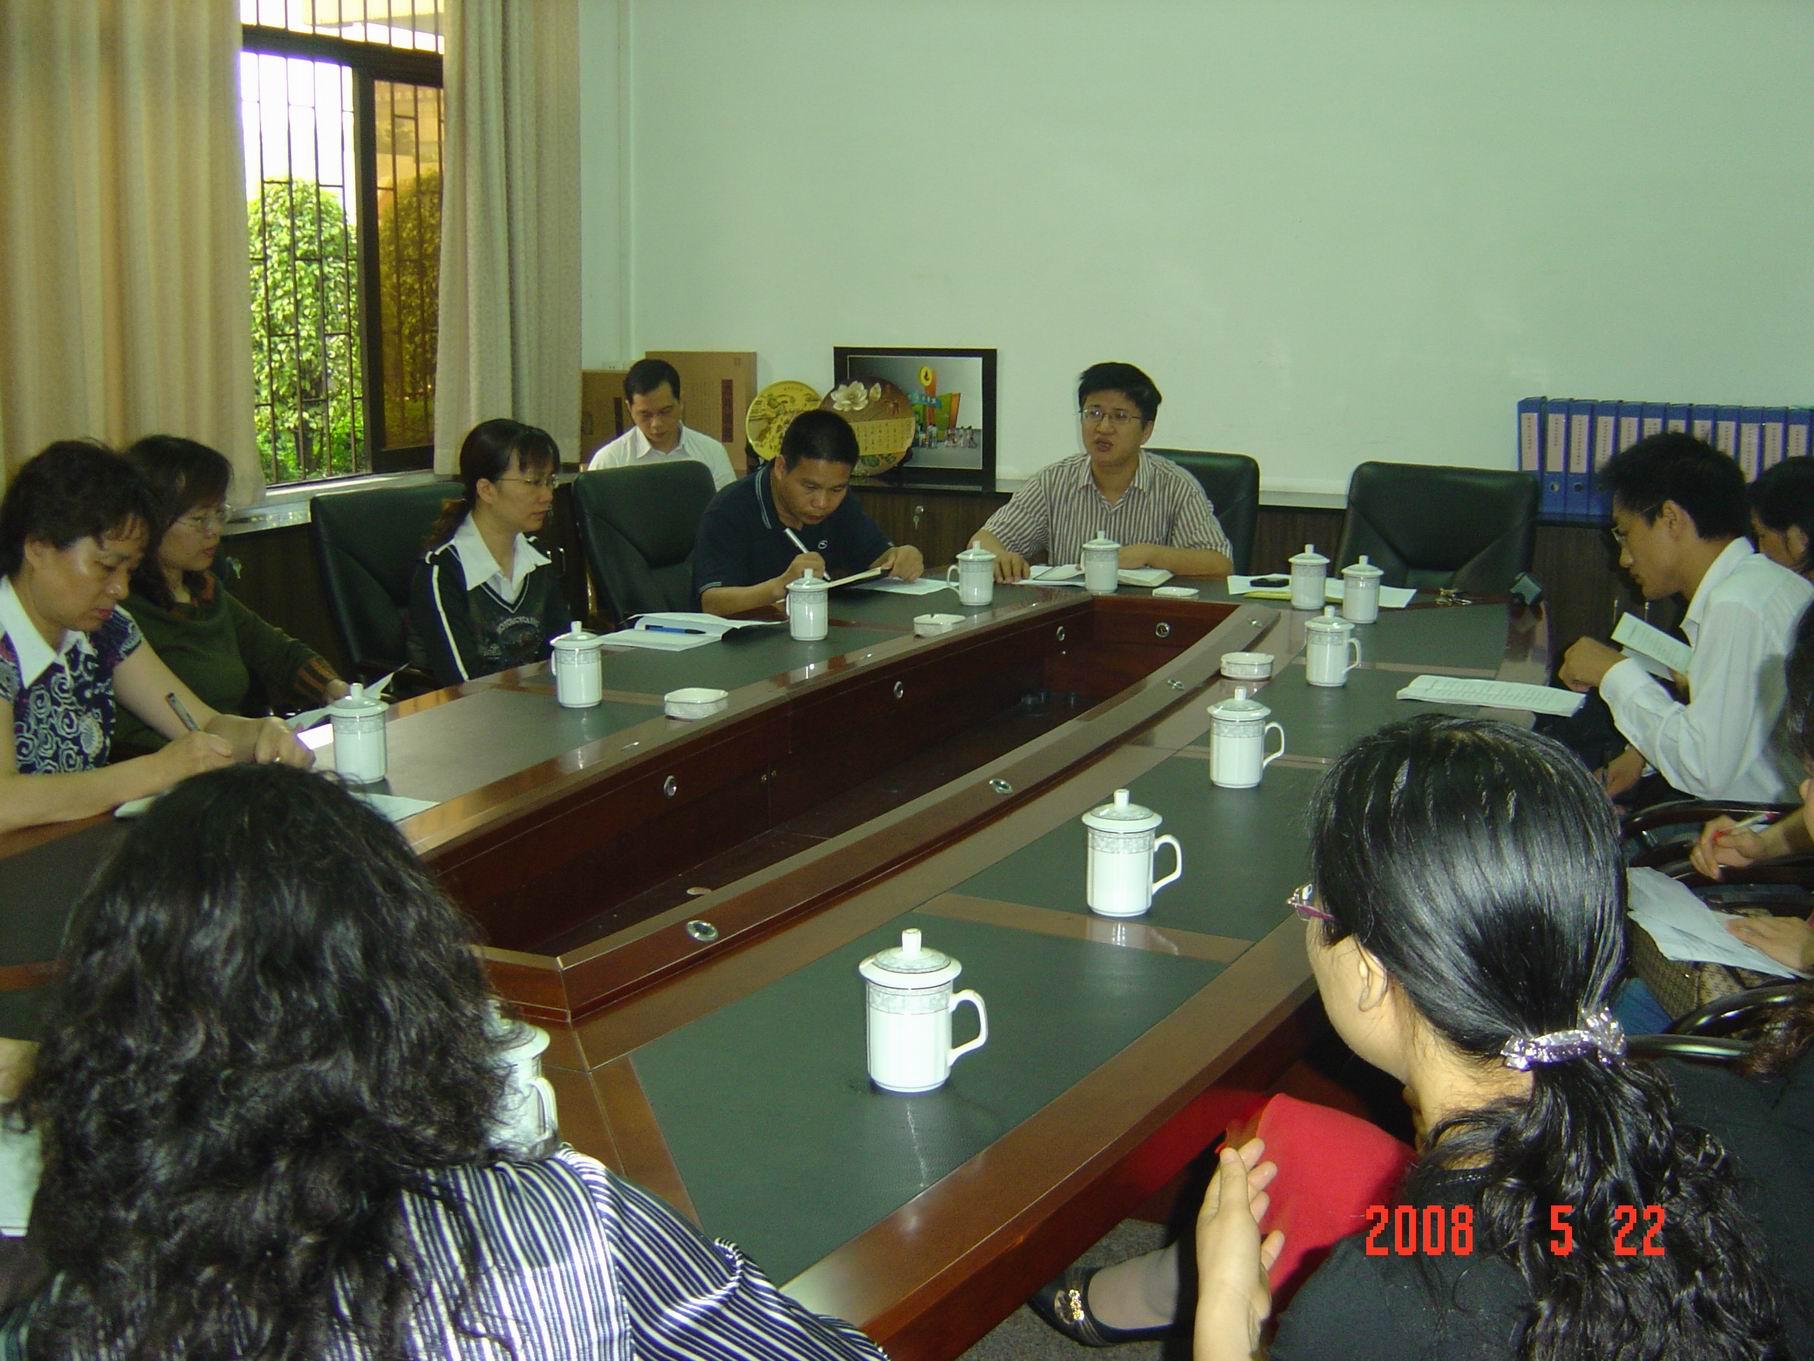 人事处召开人事分配制度改革实验系列人员座谈会